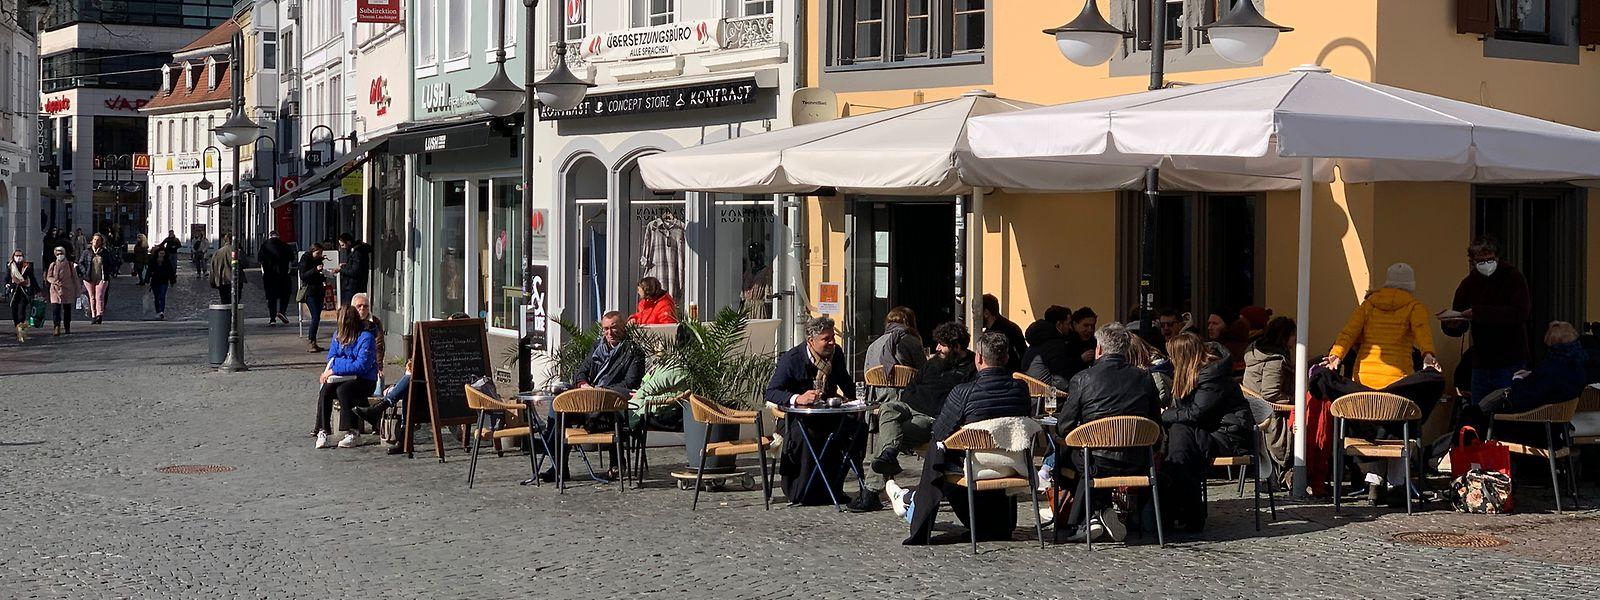 Im Saarland dürfen seit Dienstag wieder Terrassen öffnen, wie hier am St. Johanner Markt in der Landeshauptstadt Saarbrücken.